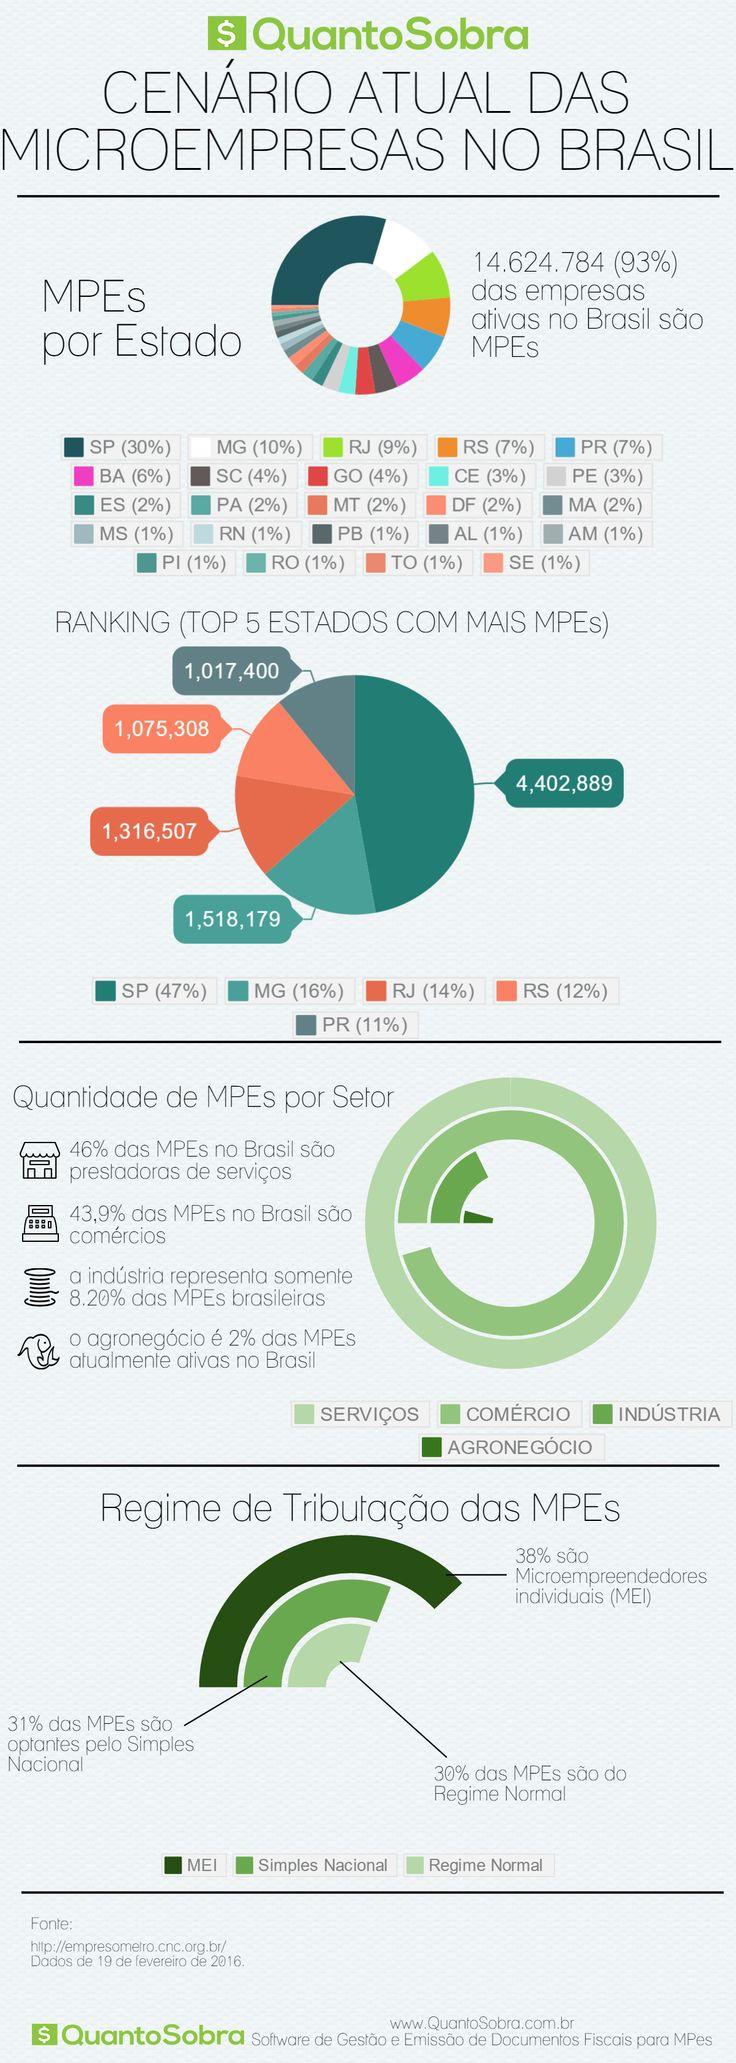 Infográfico e Planilha com Estatísticas das Micro e Pequenas Empresas no Brasil